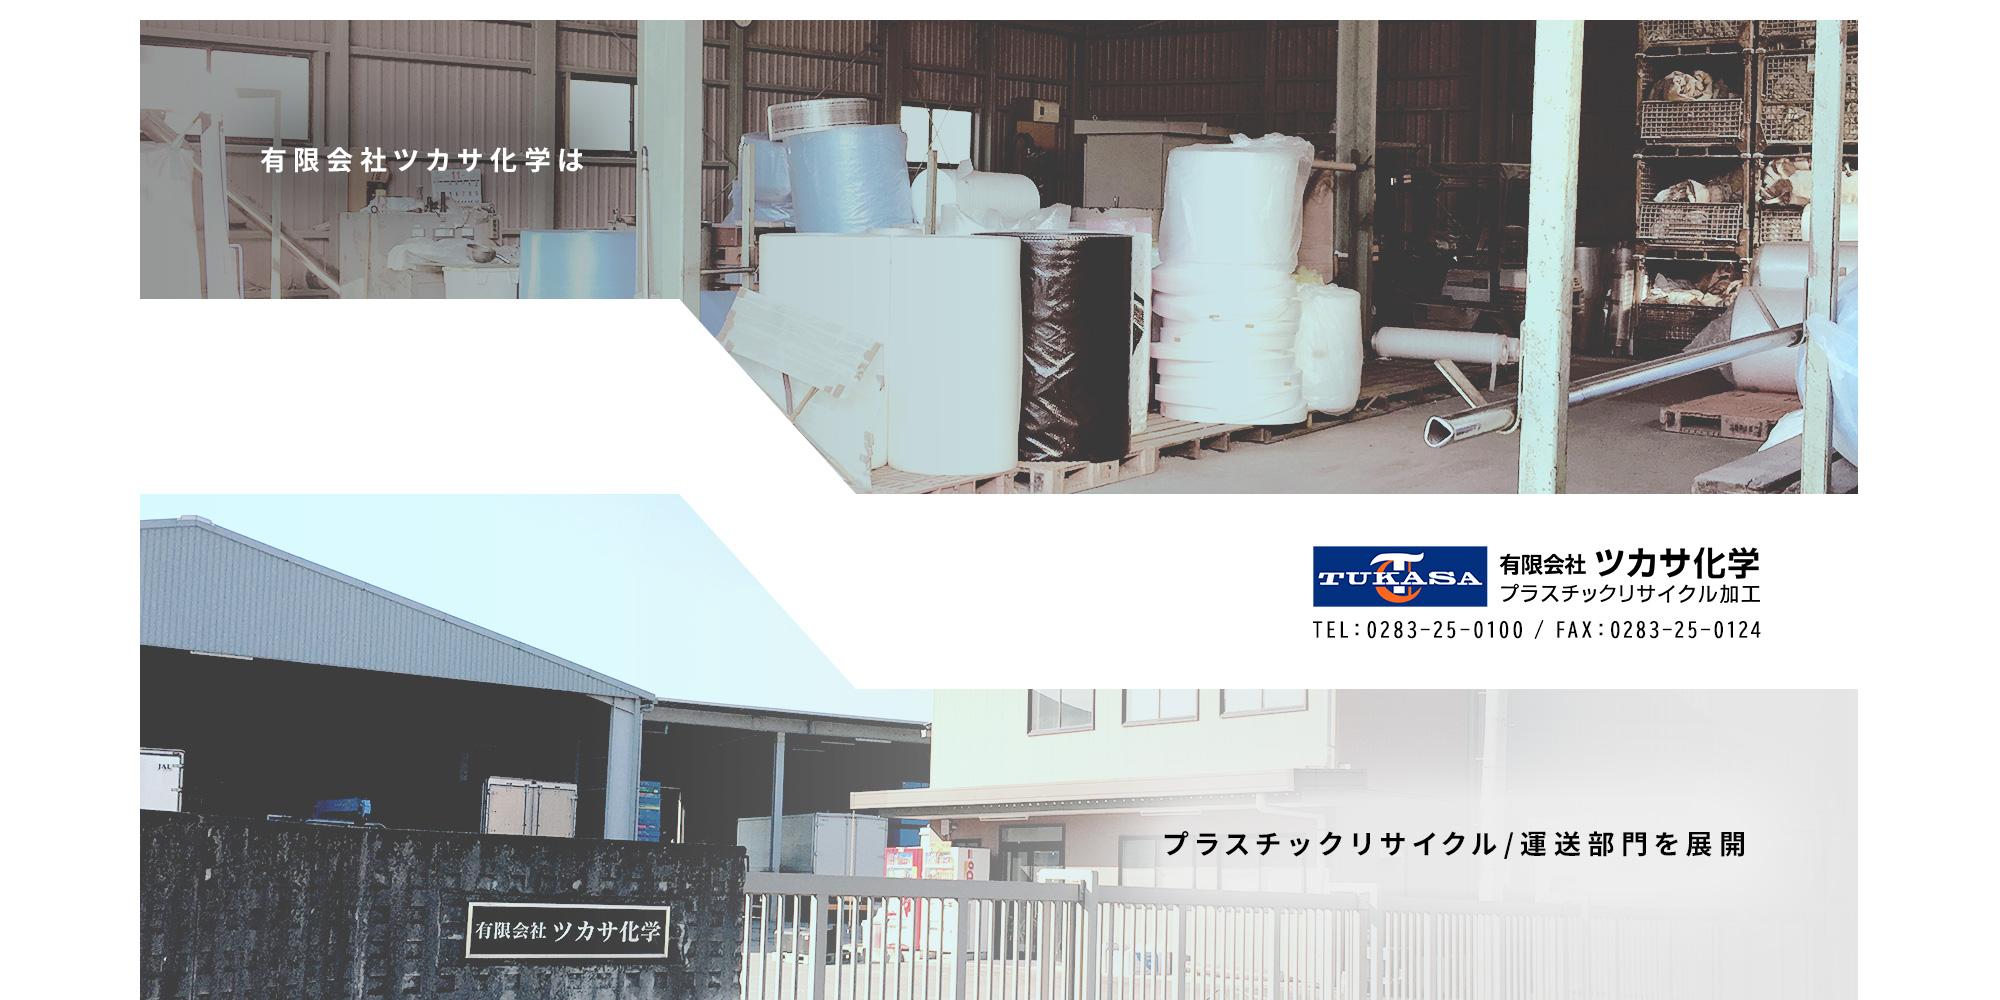 有限会社ツカサ化学は プラスチックリサイクル/運送部門を展開